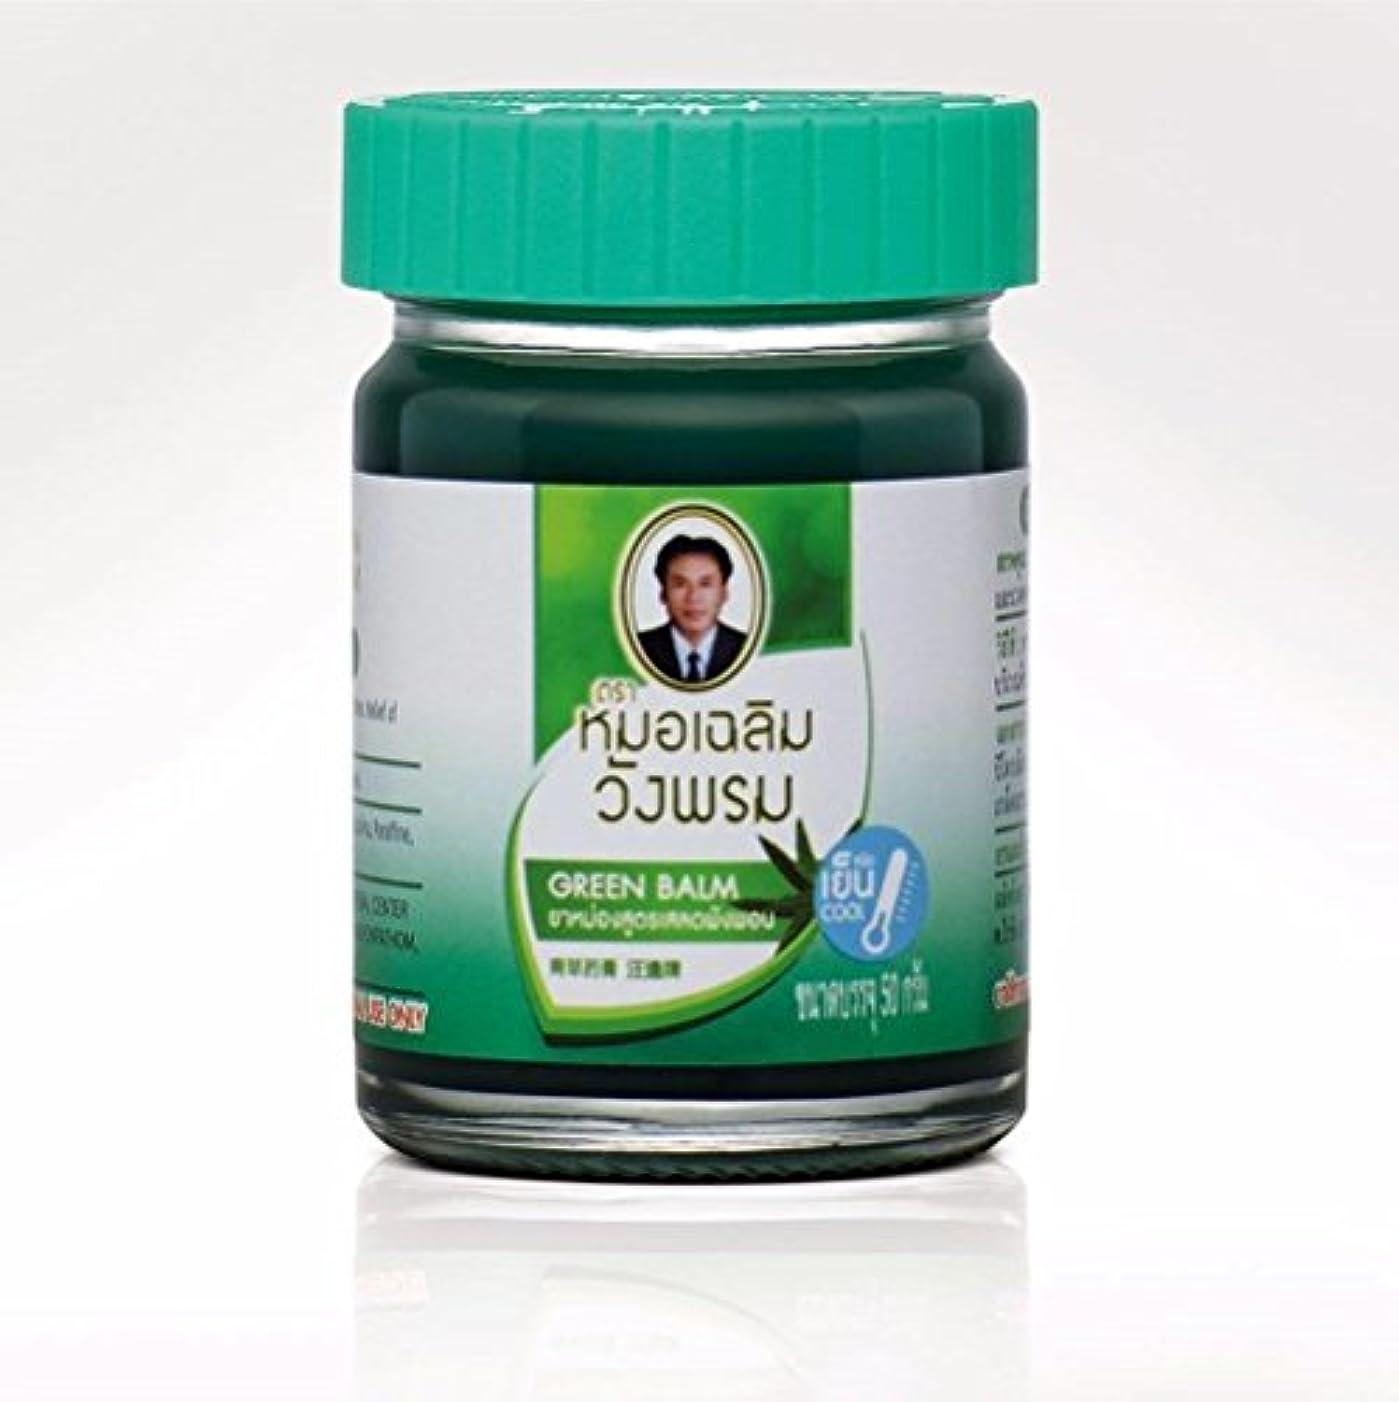 充実木悪性腫瘍50G.Wangphrom Thai Herbal Balm Massage Body Relief Muscle Pain,Thai Herb Green Balm (COOL) size 50 gram..(2 pc.)